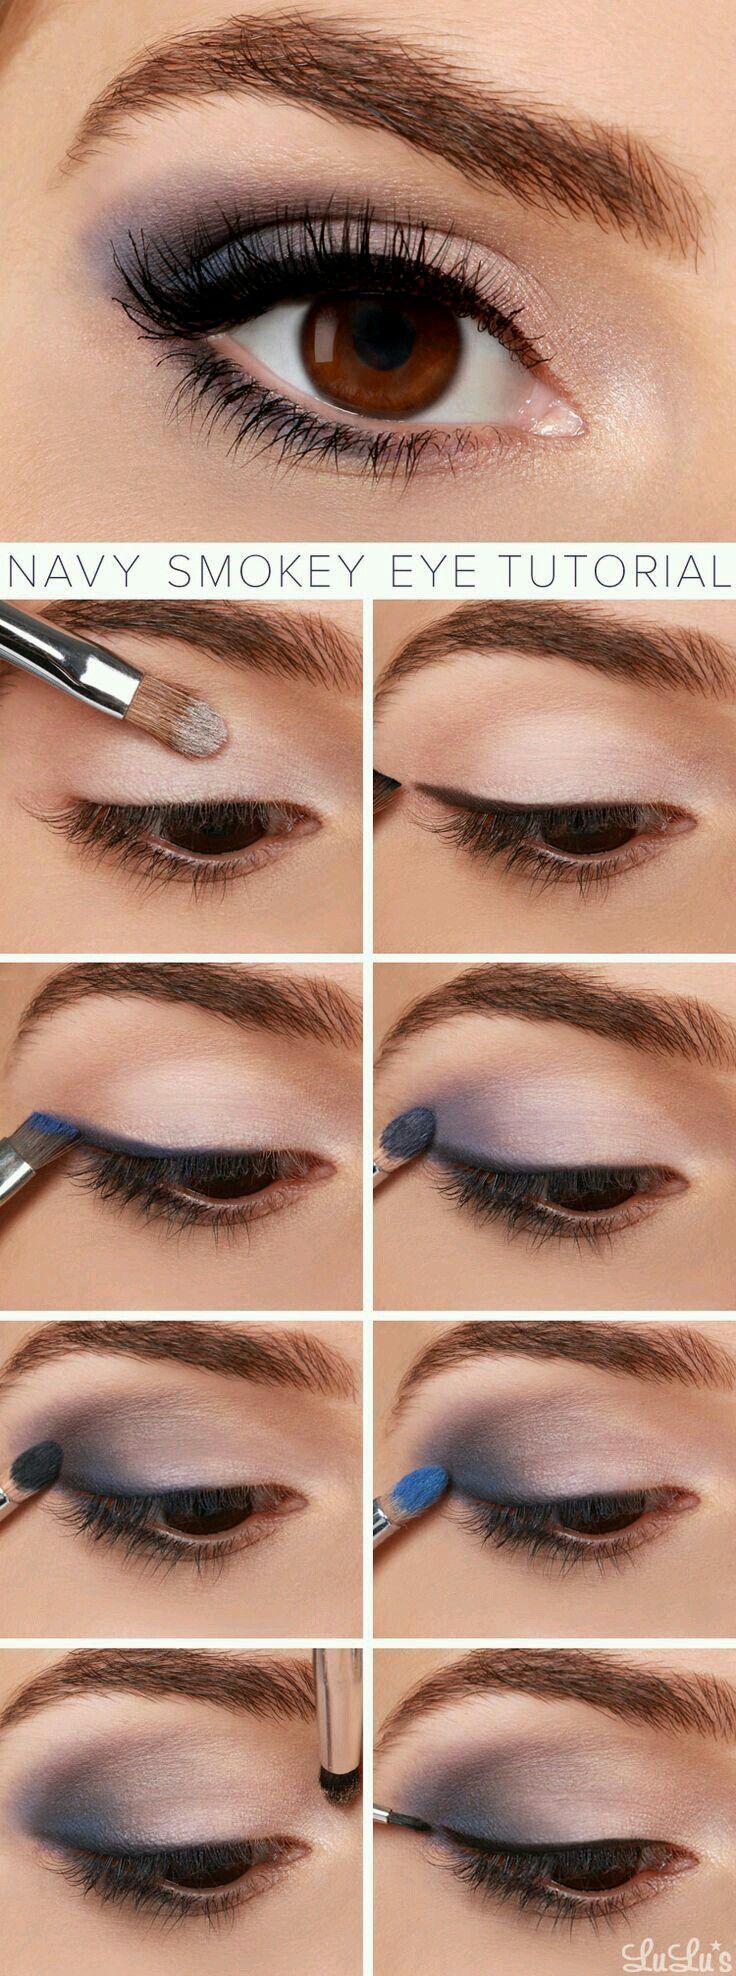 tutorial • | maquillaje ~ makeup | pinterest | tutorials and makeup